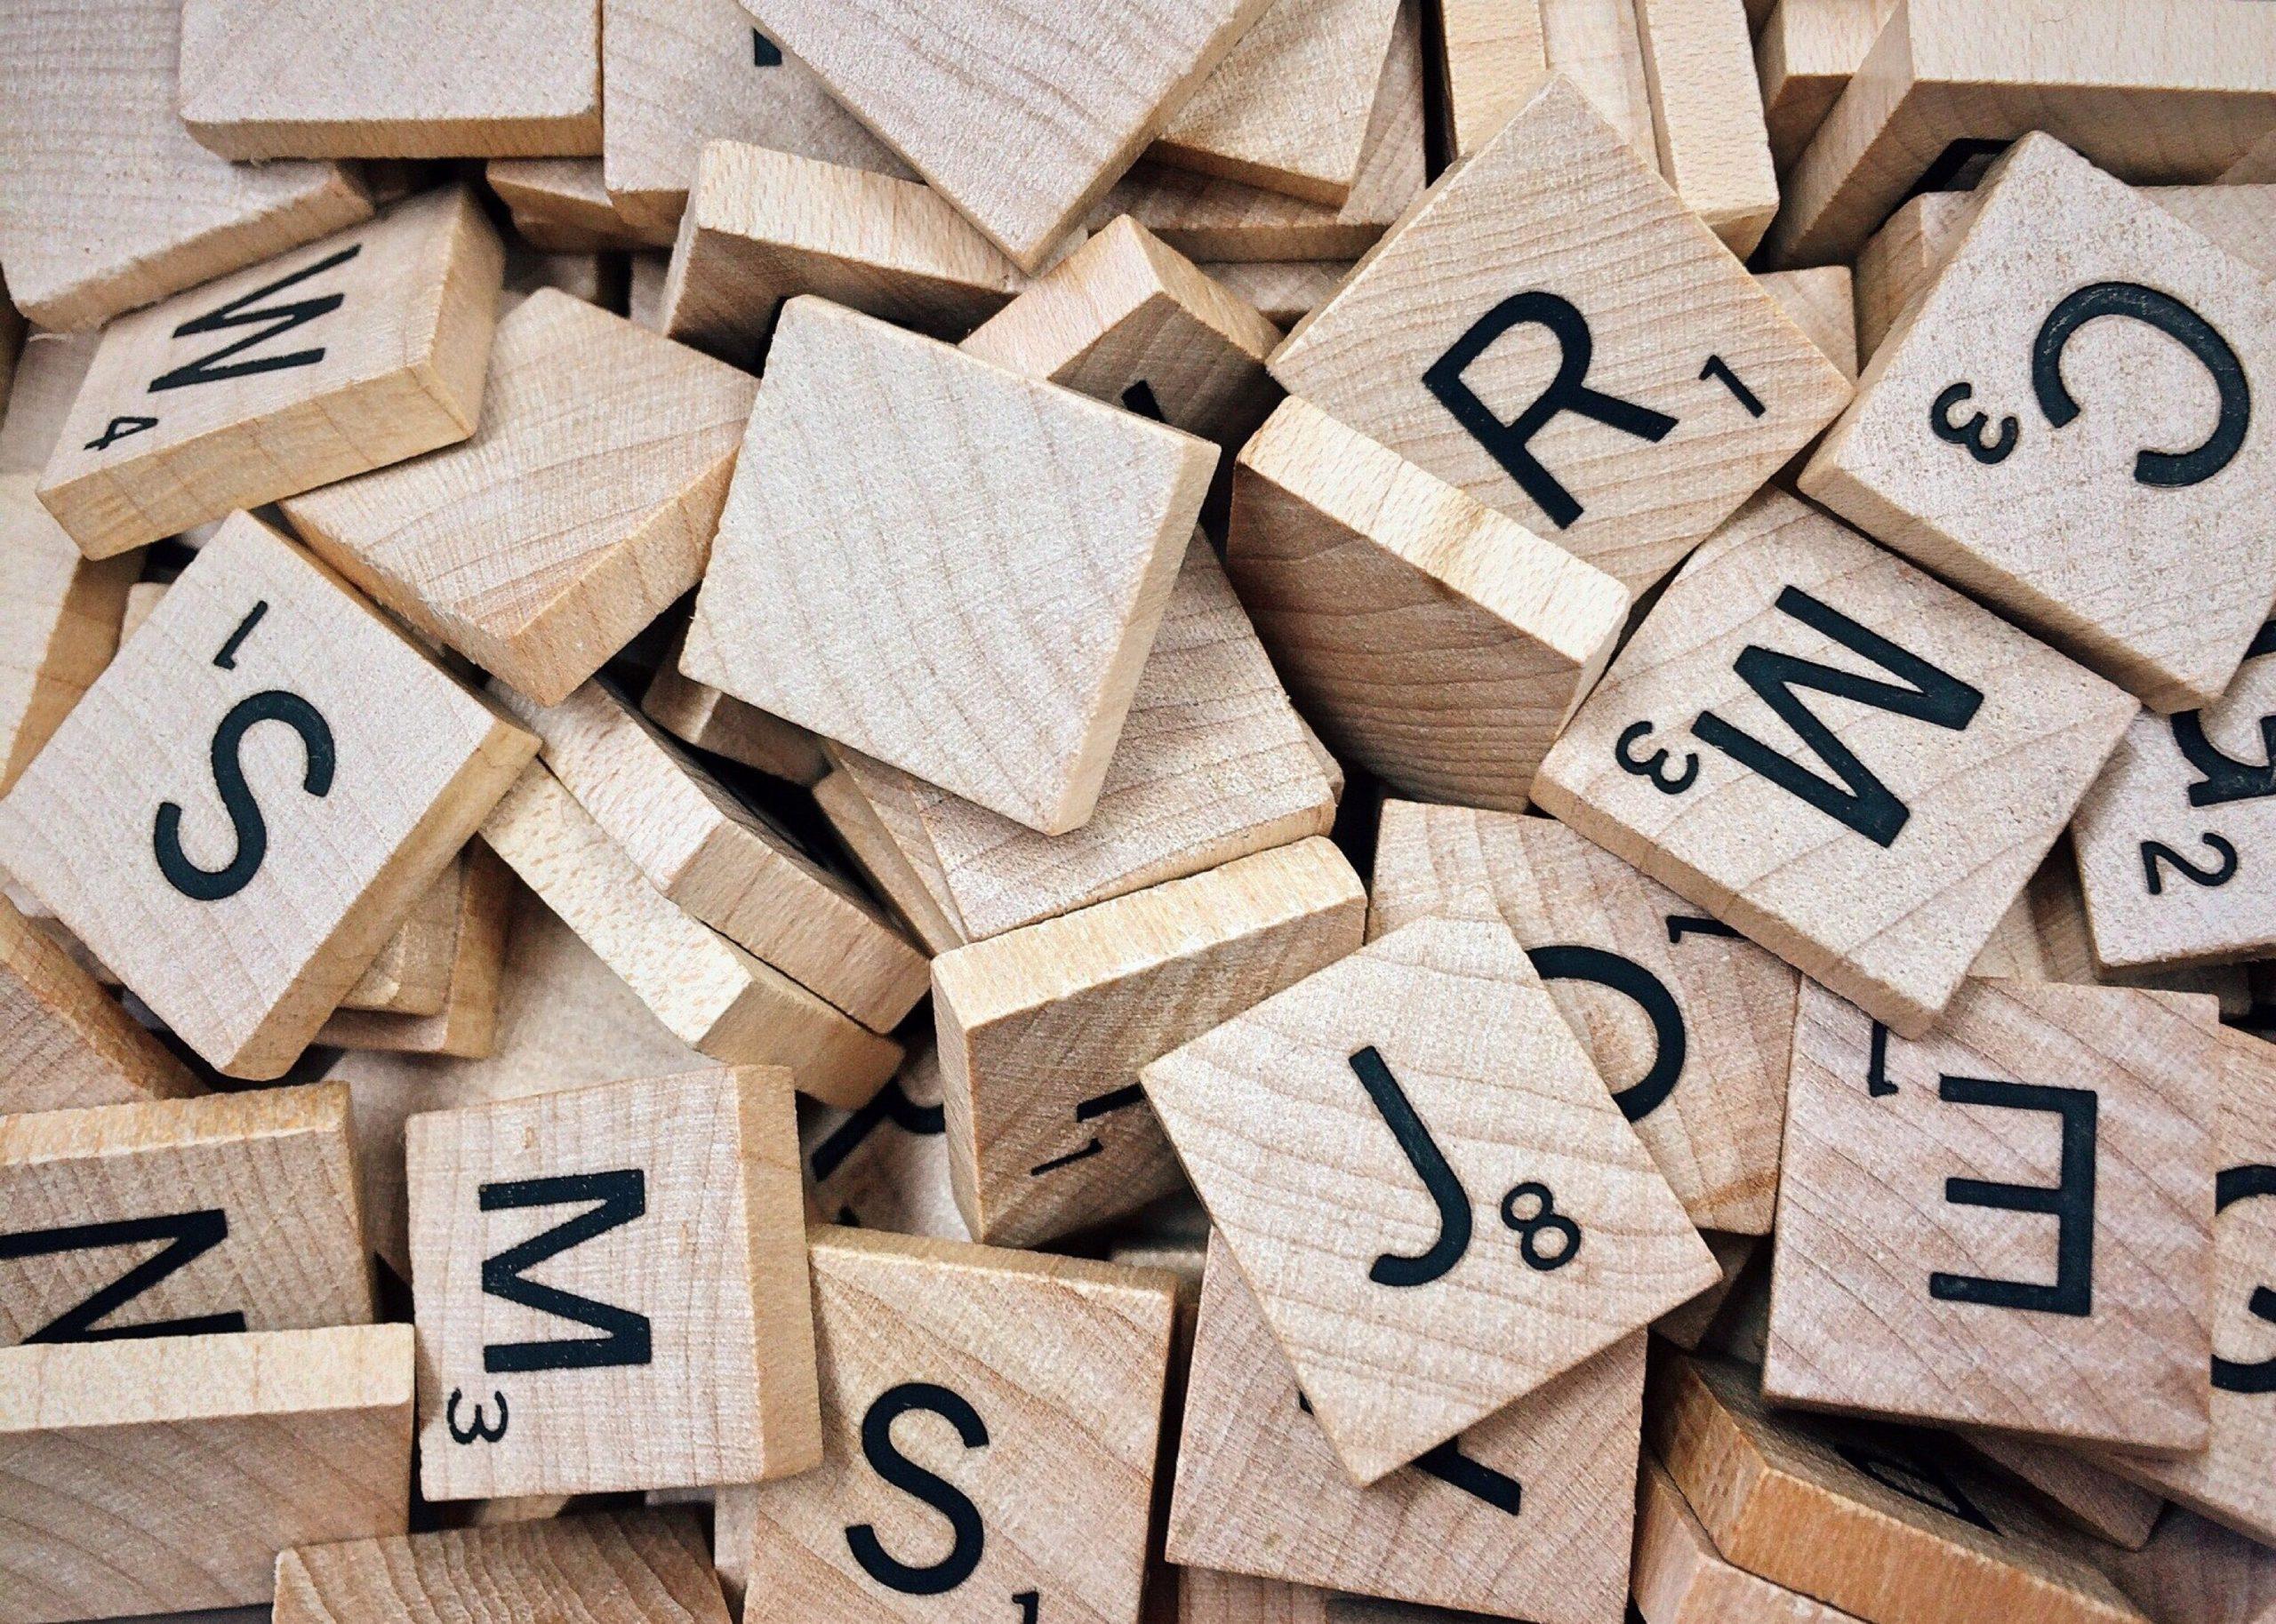 Jak wiele gramatyki trzeba znać, by mówić po angielsku?